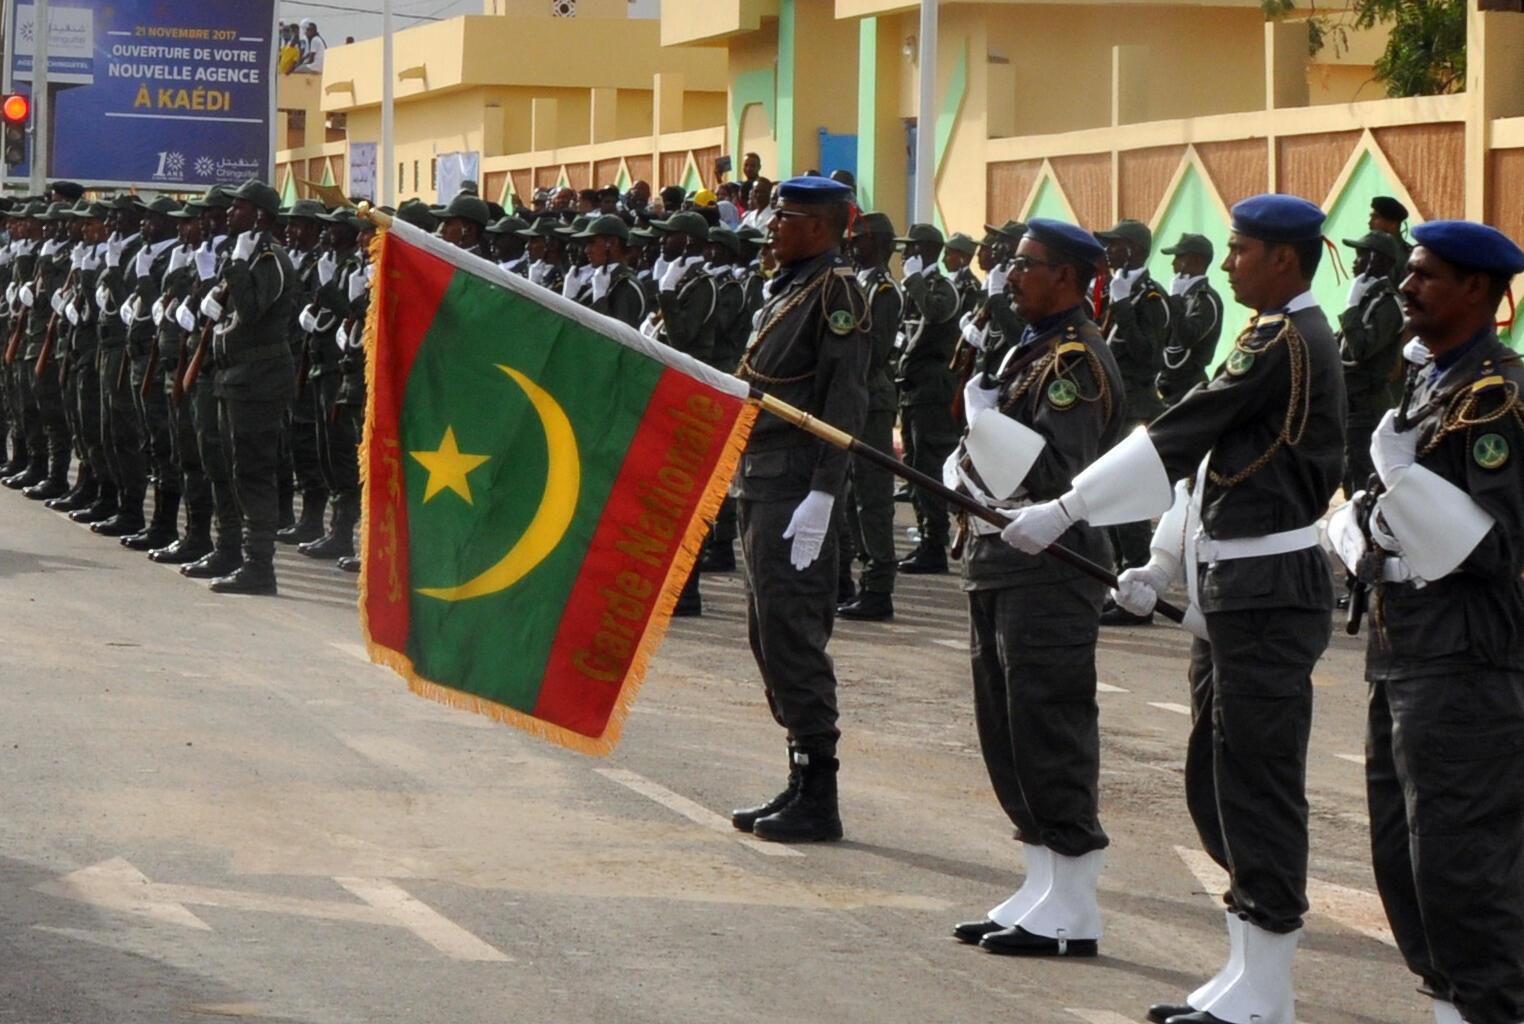 La Mauritanie épinglée par Amnesty international pour ses discriminations et atteintes aux droits de l'homme alors que le pays se prépare à des élections générales en 2019 (photo d'illustration)